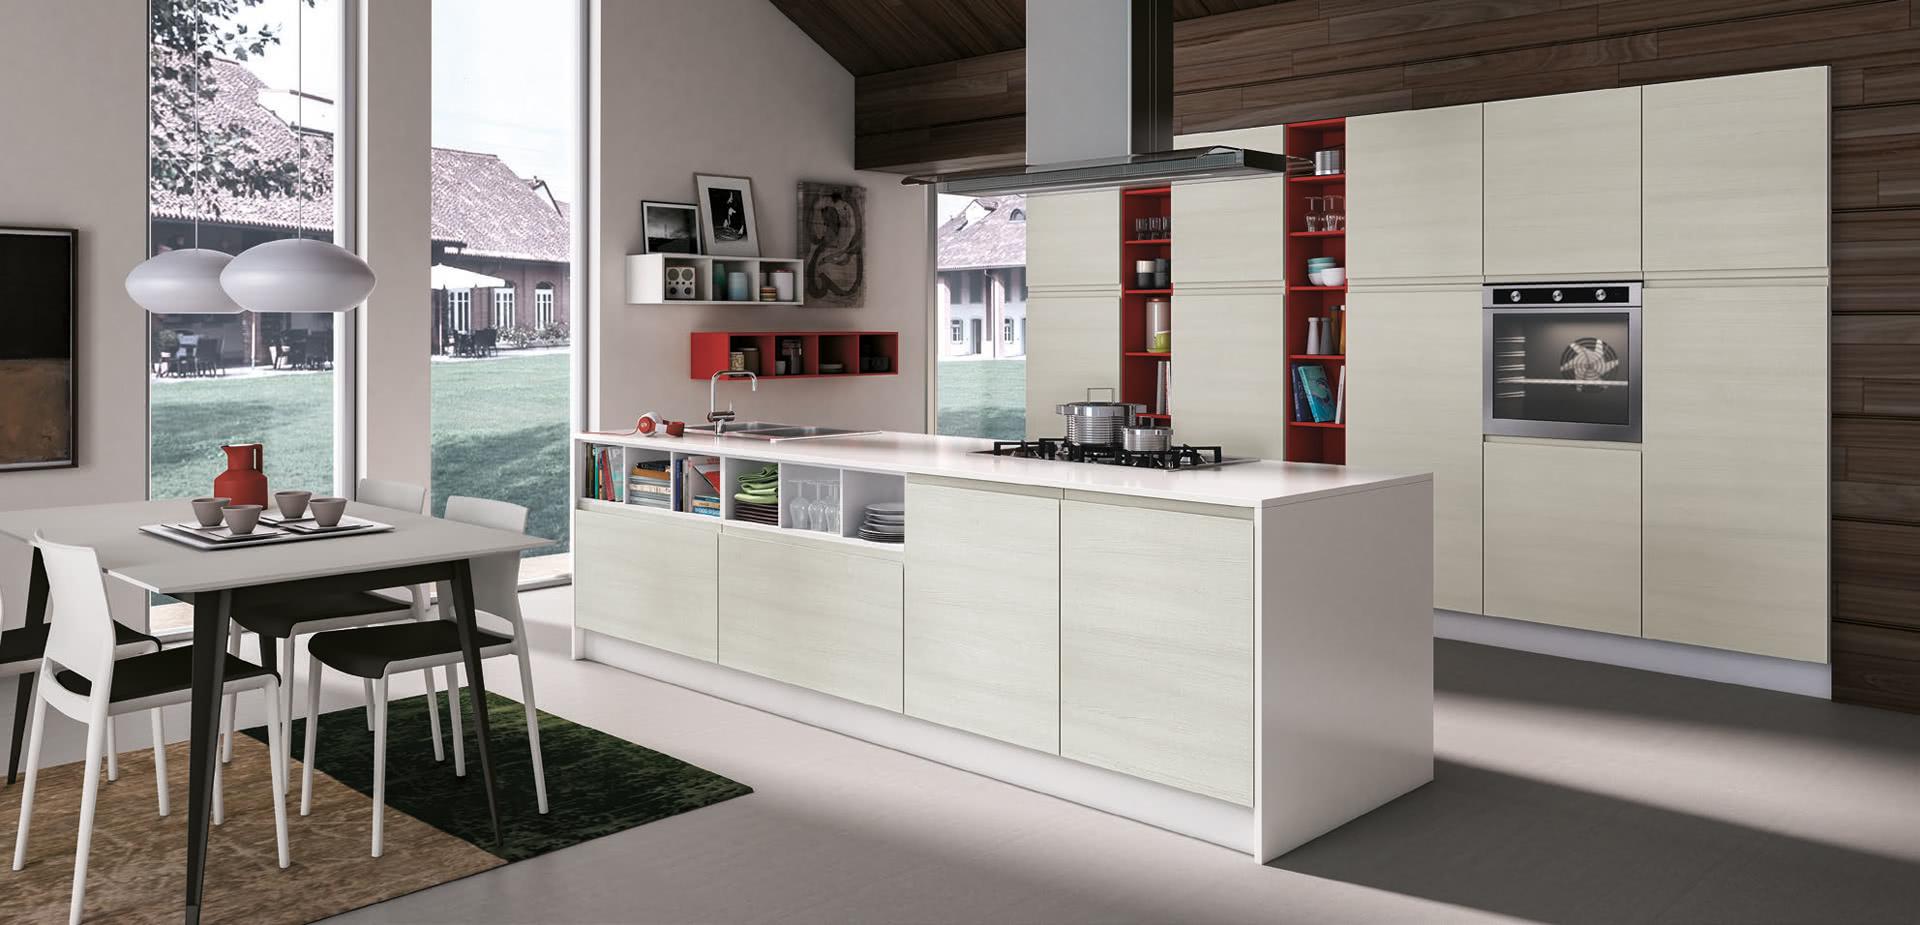 1524_jey-cucina-ambientata-8